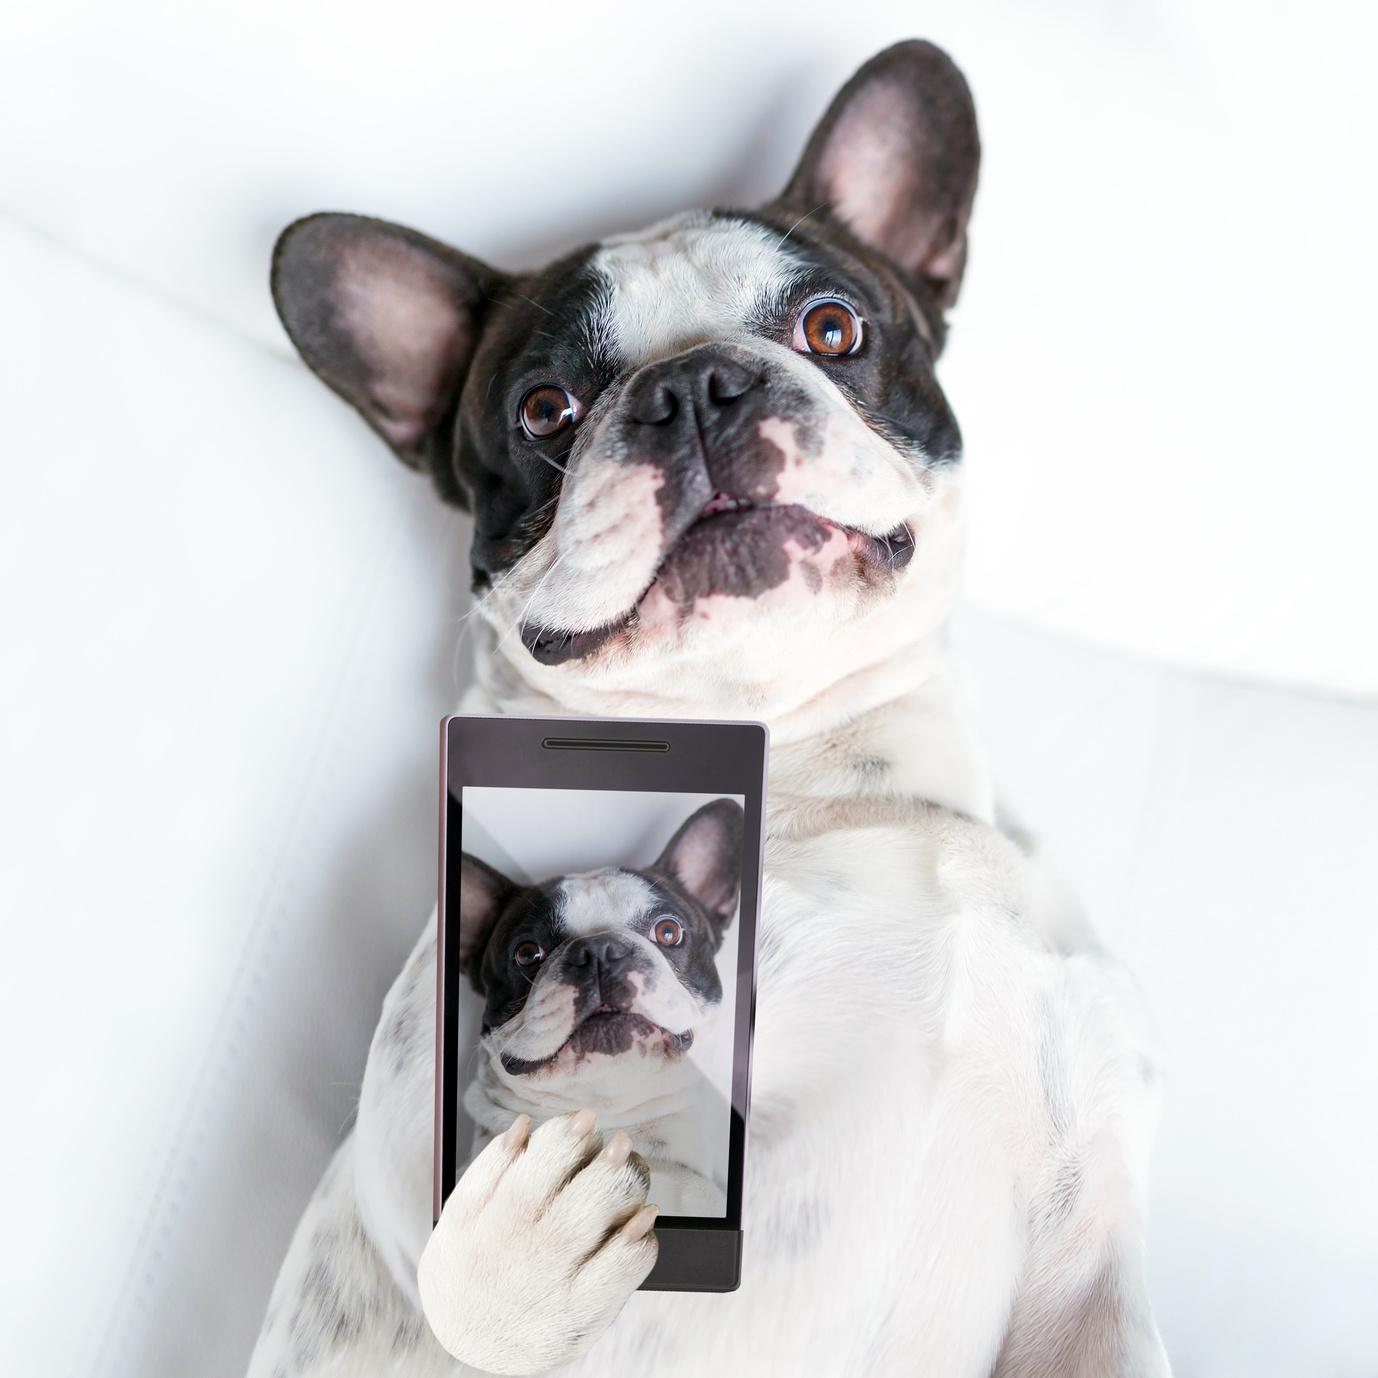 Pet Club Publix Super Markets Publix paws photo contest